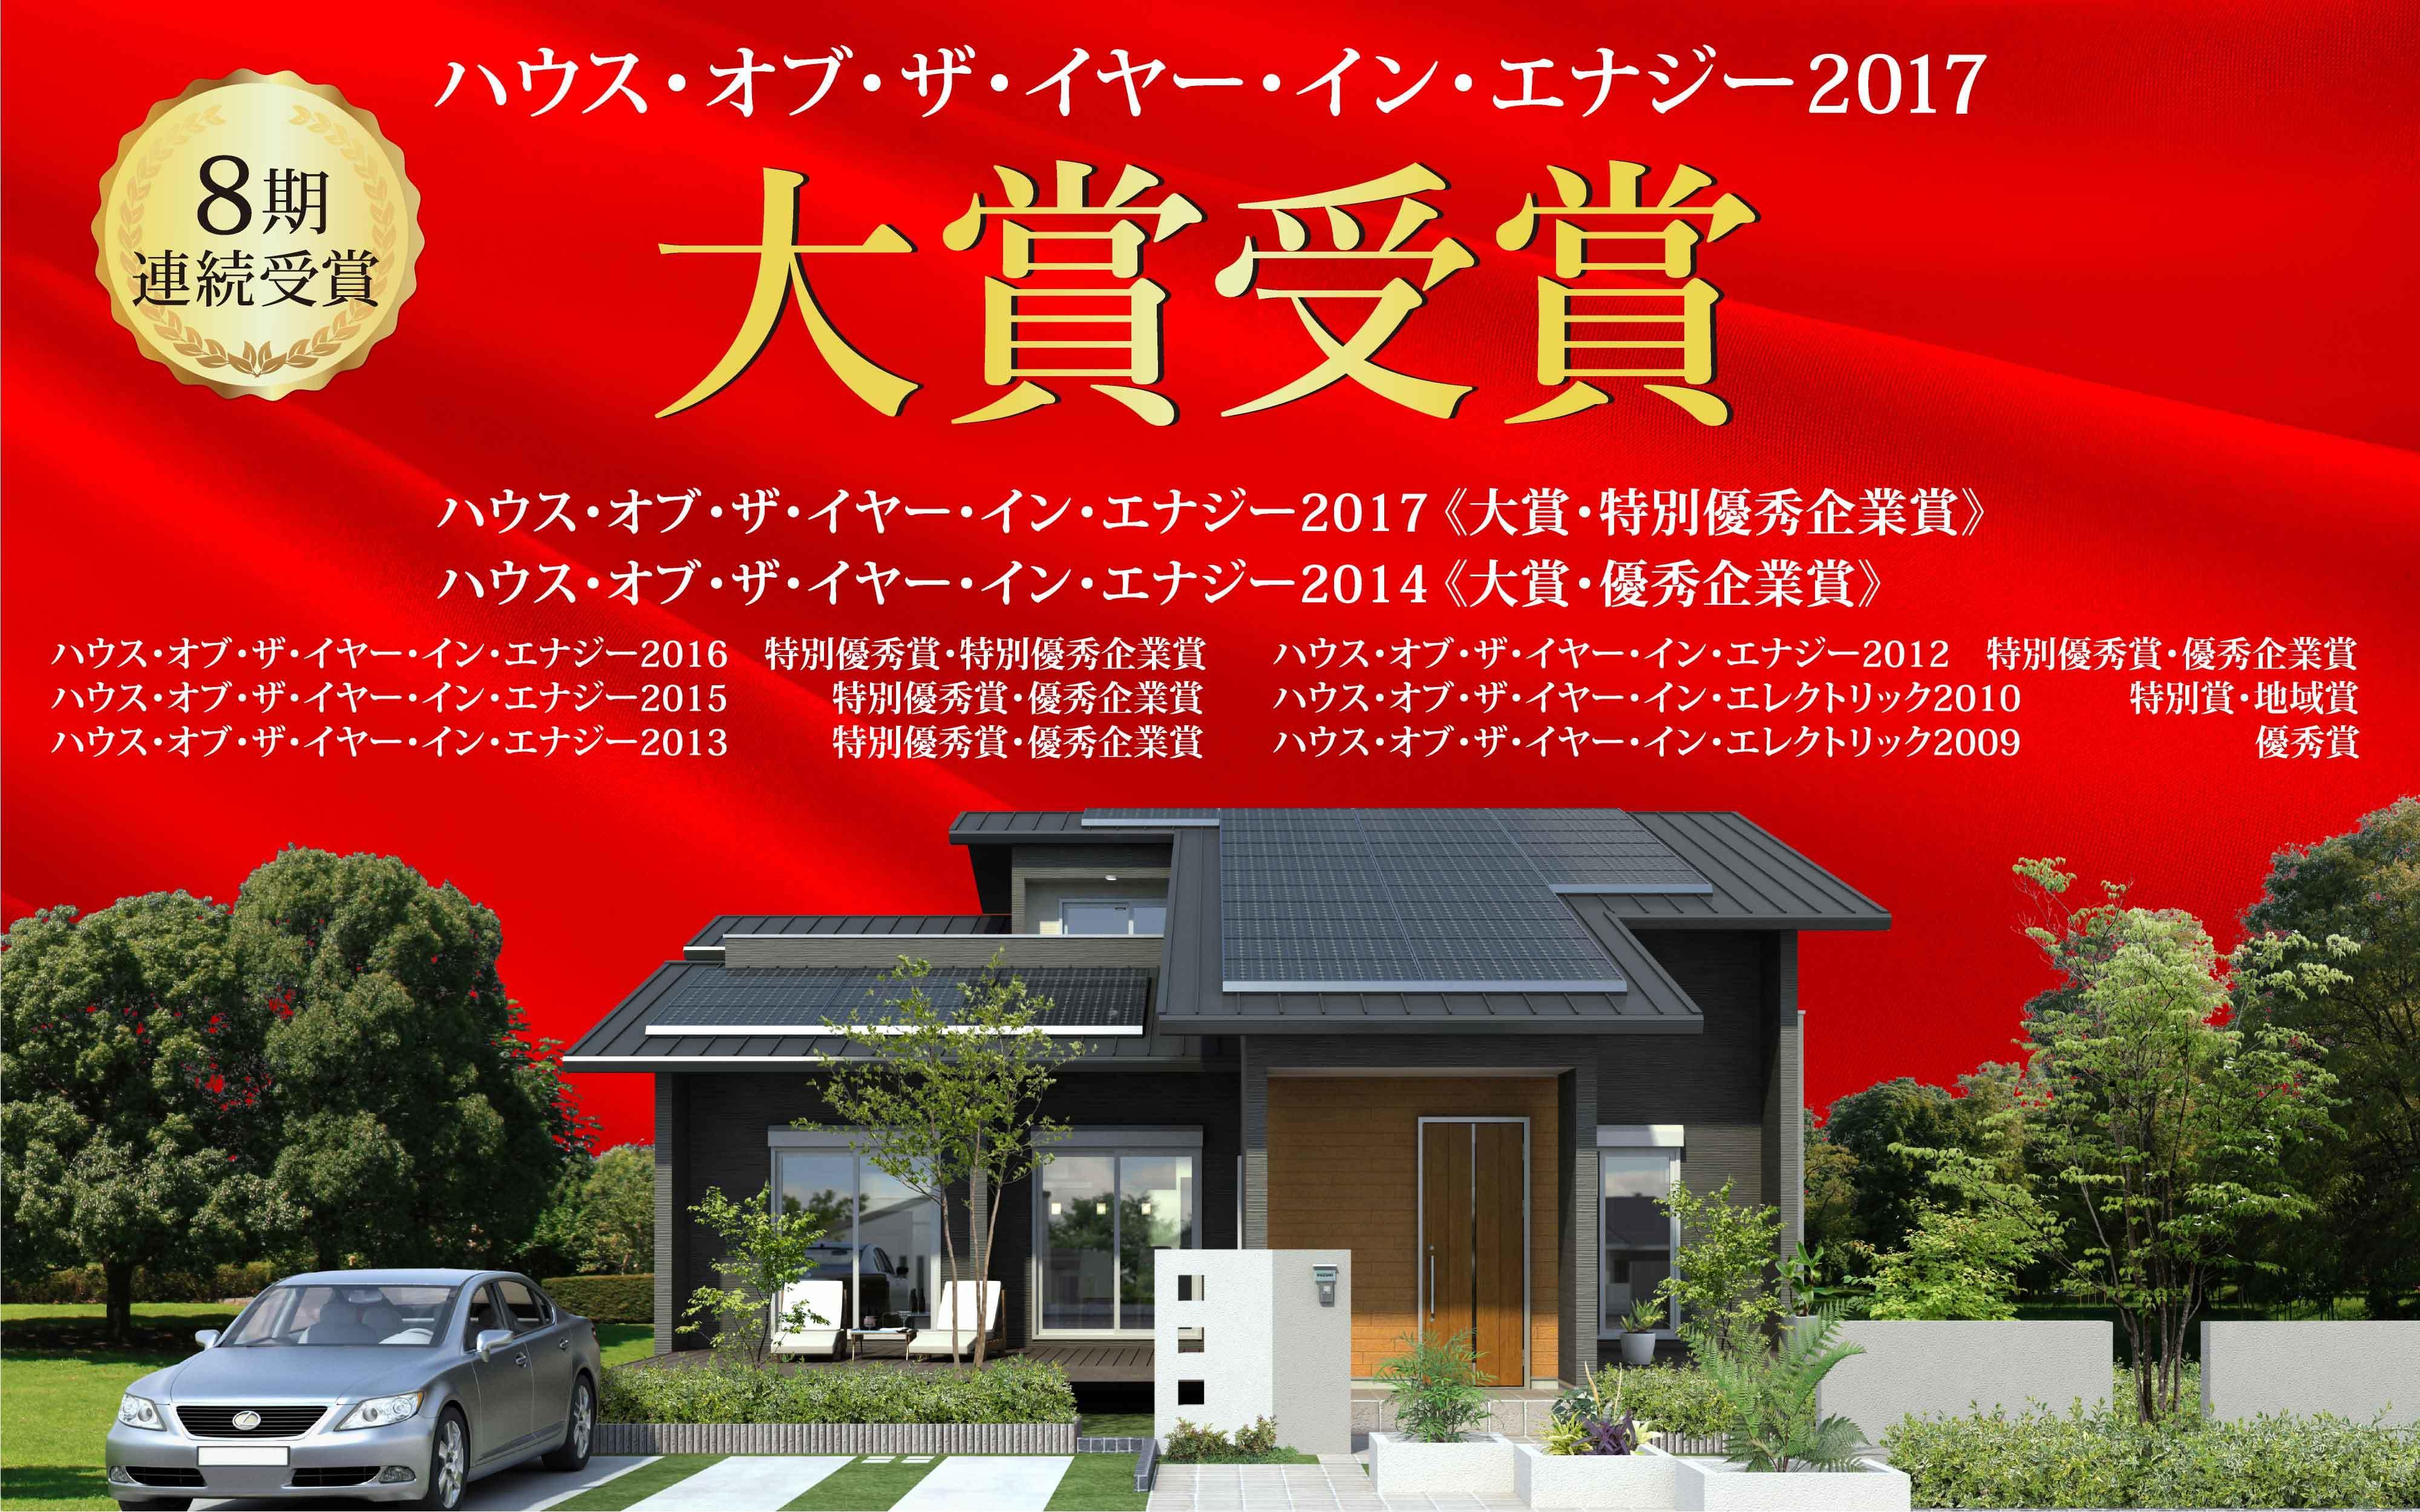 2017大賞受賞